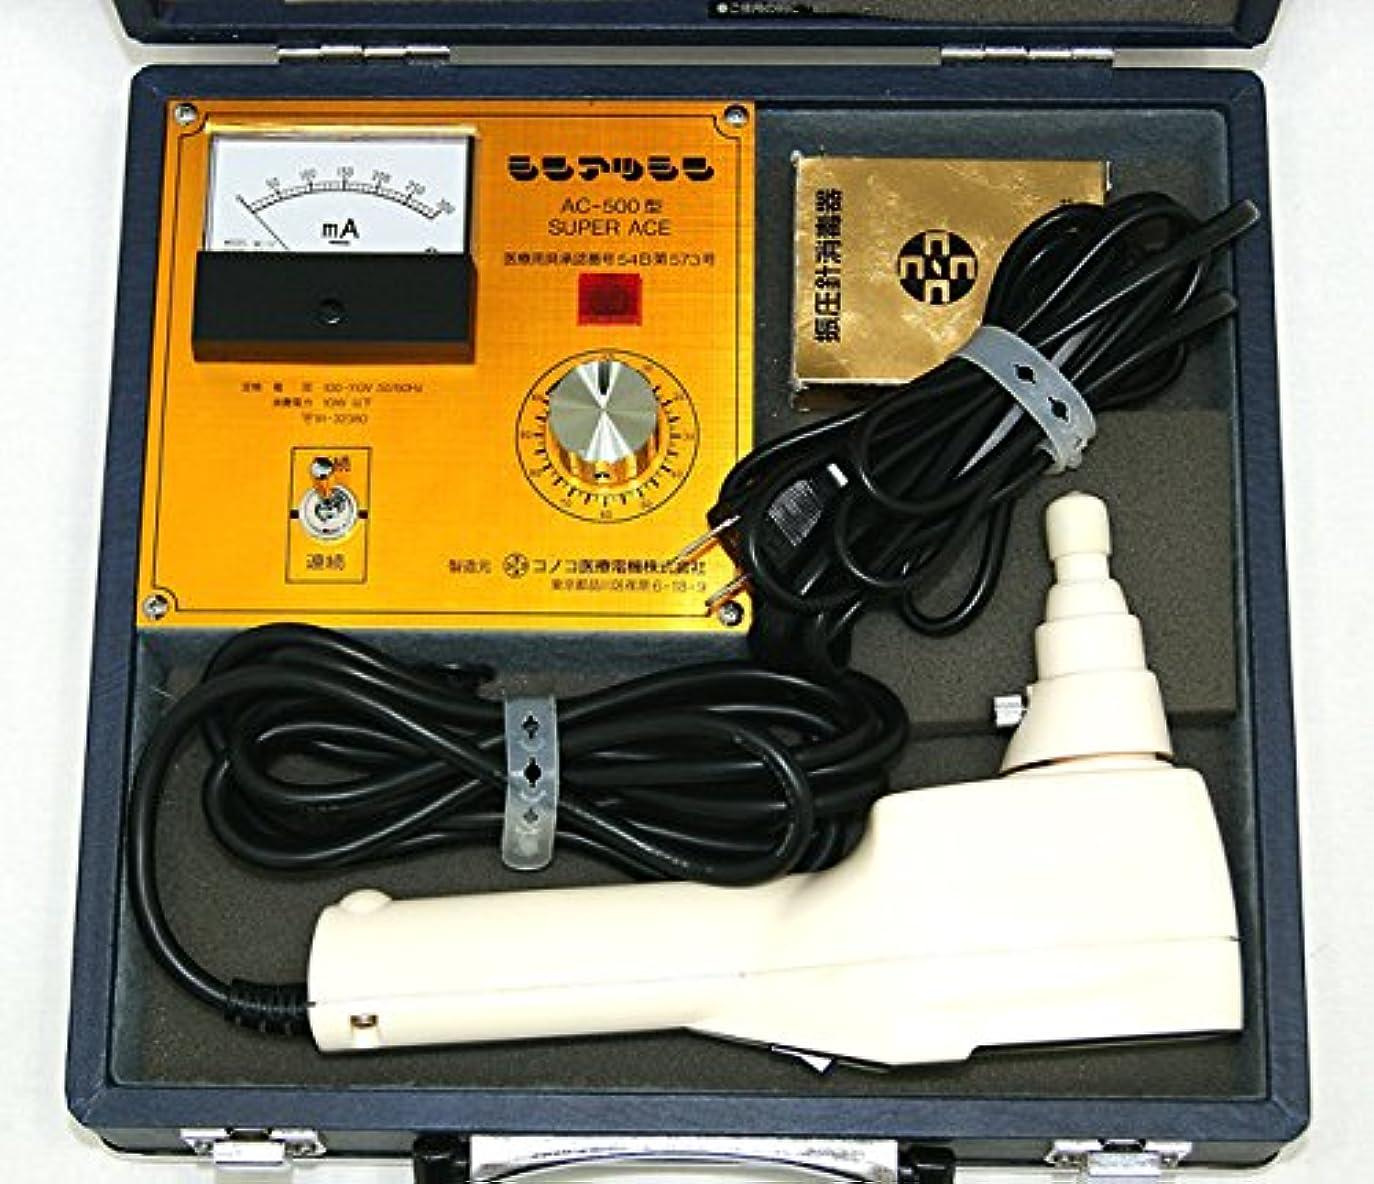 他の日主張ディスクコノコ医療電機株式会社 シンアツシン AC500型(振圧針/AC-500型 SUPER ACE) 家庭用電気マッサージ器